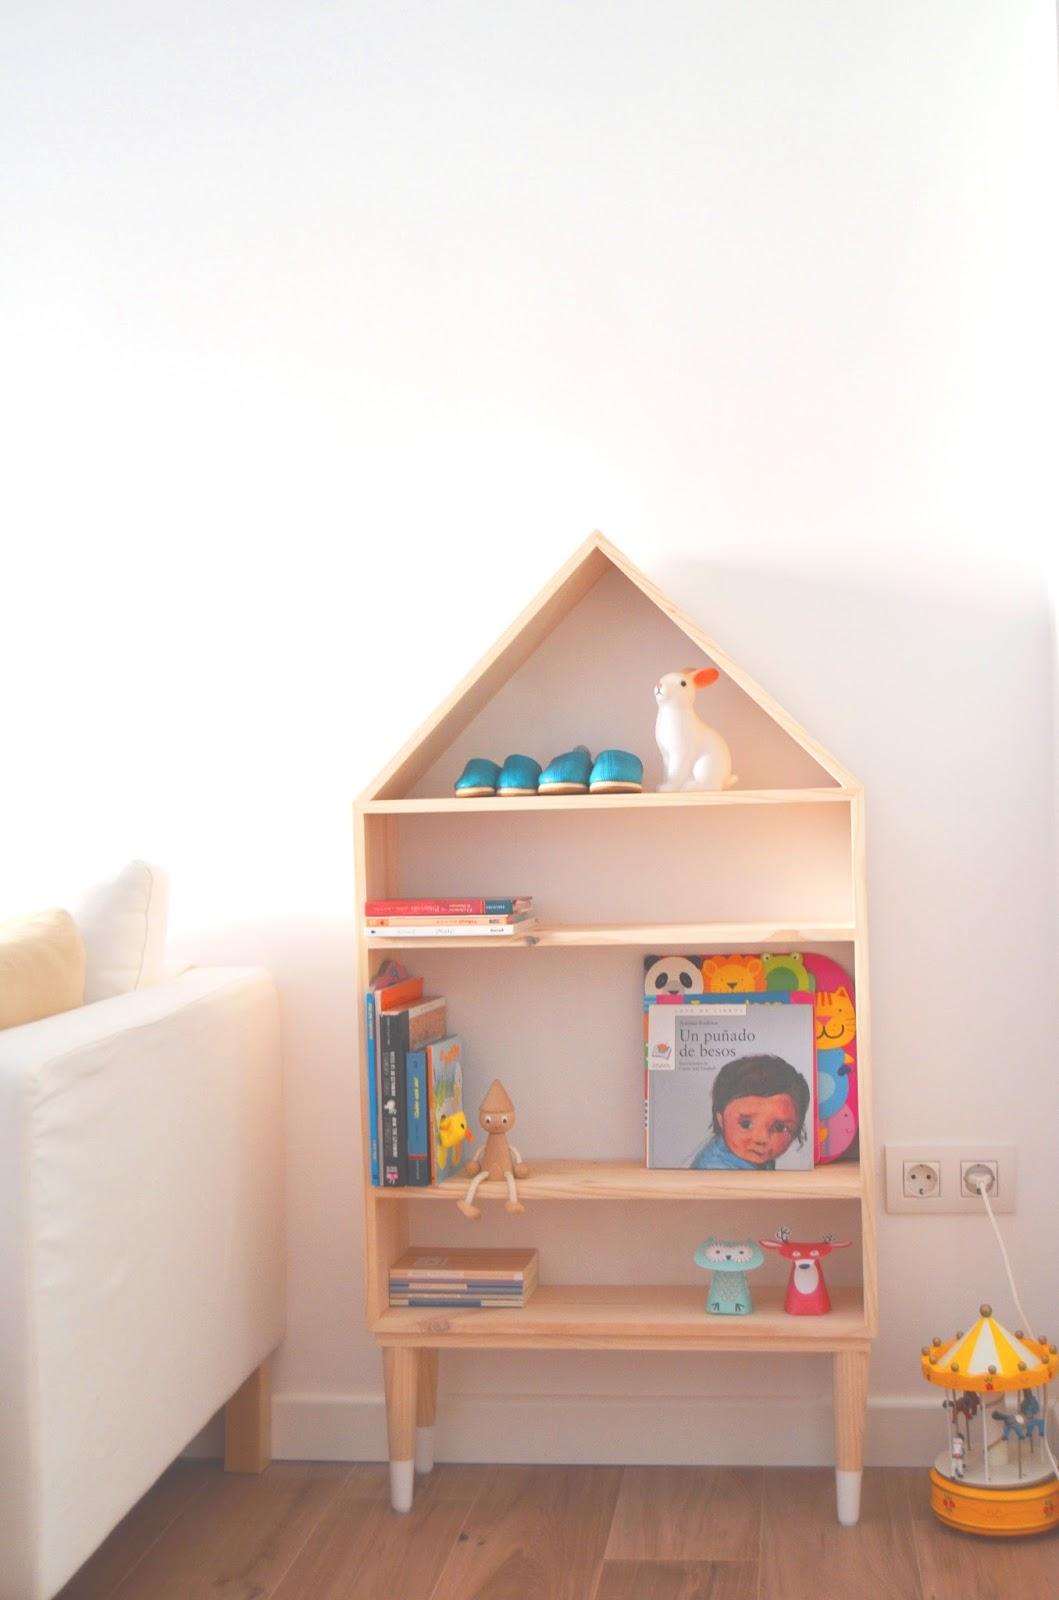 Naifandtastic decoraci n craft hecho a mano - Casa madera infantil ...